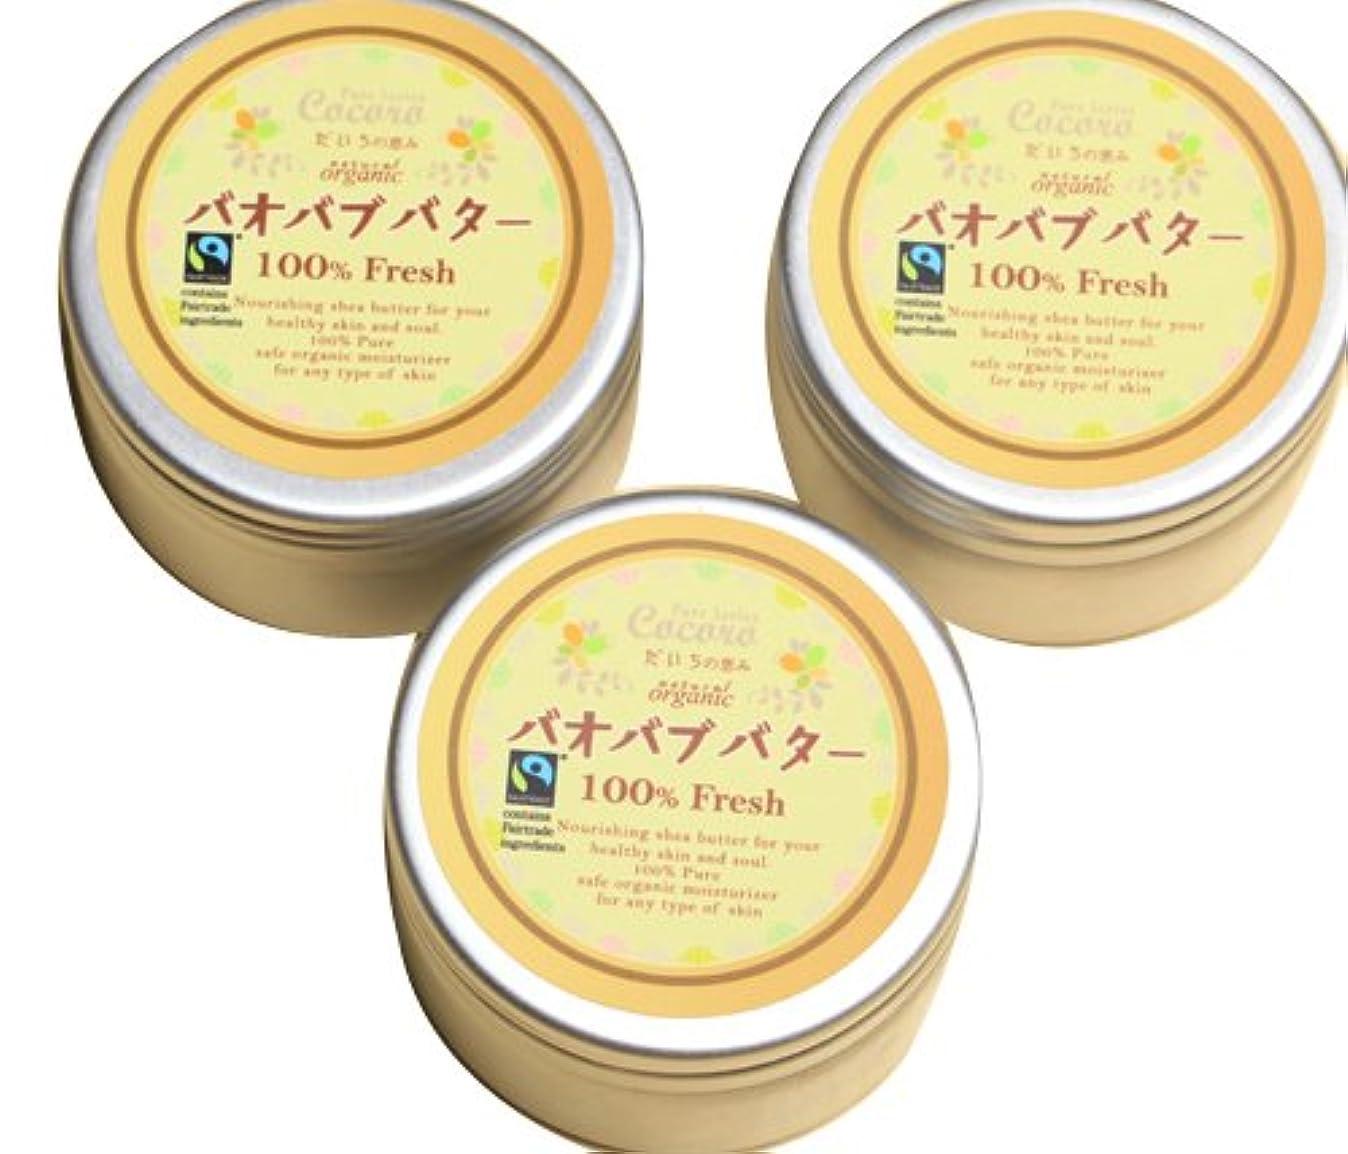 剛性感じるパラナ川シアバターとバオバブオイルのブレンドバター フェアトレード認証つき 3個